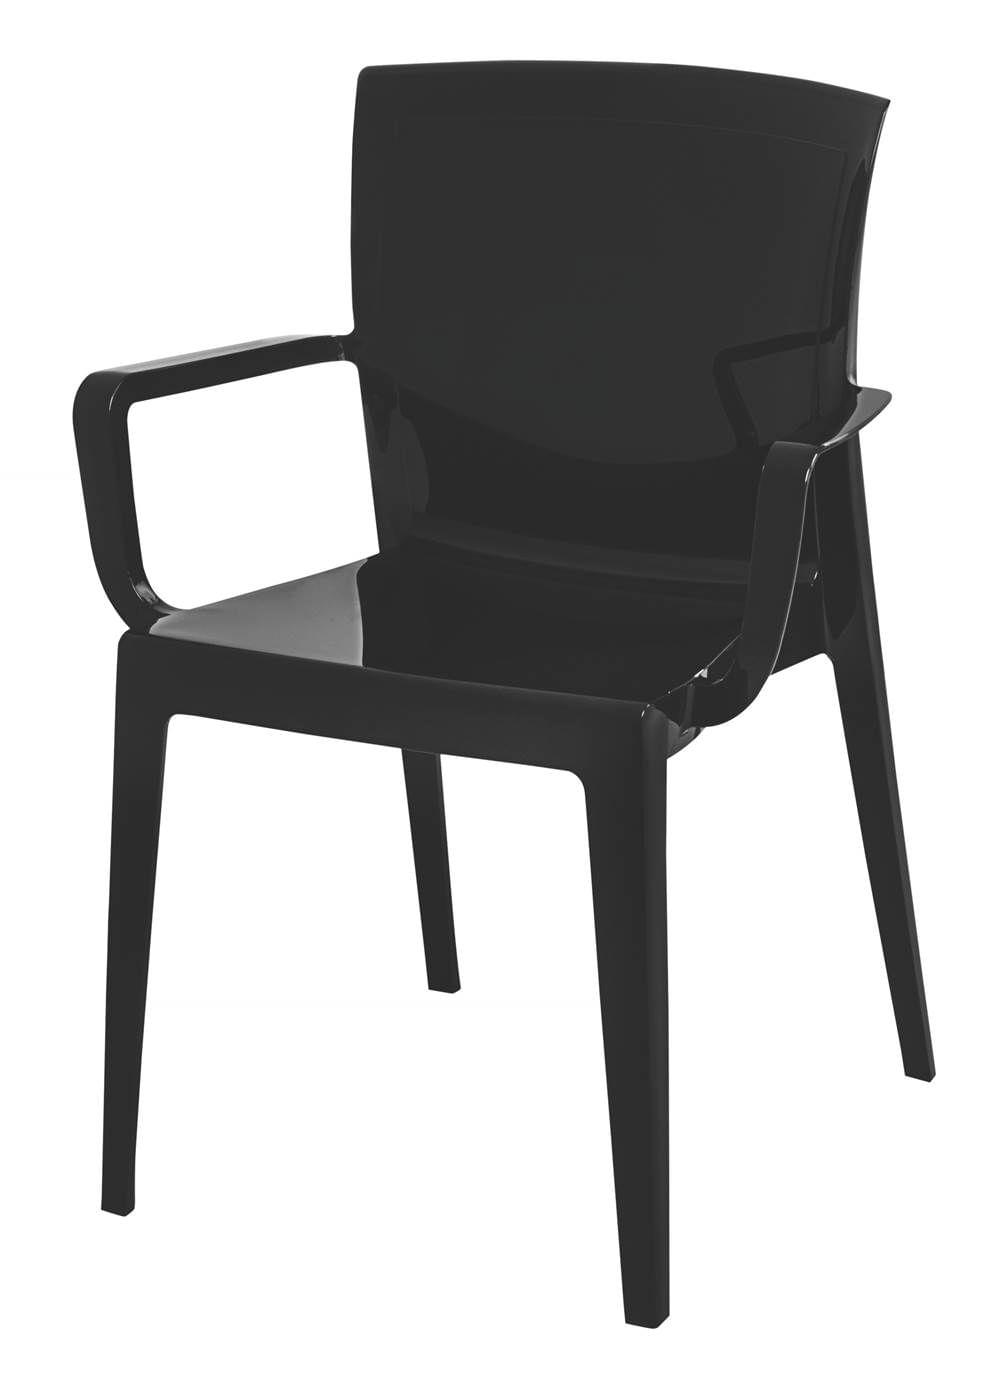 Cadeira Victoria Encosto C/Braco Cor Preto - 21837